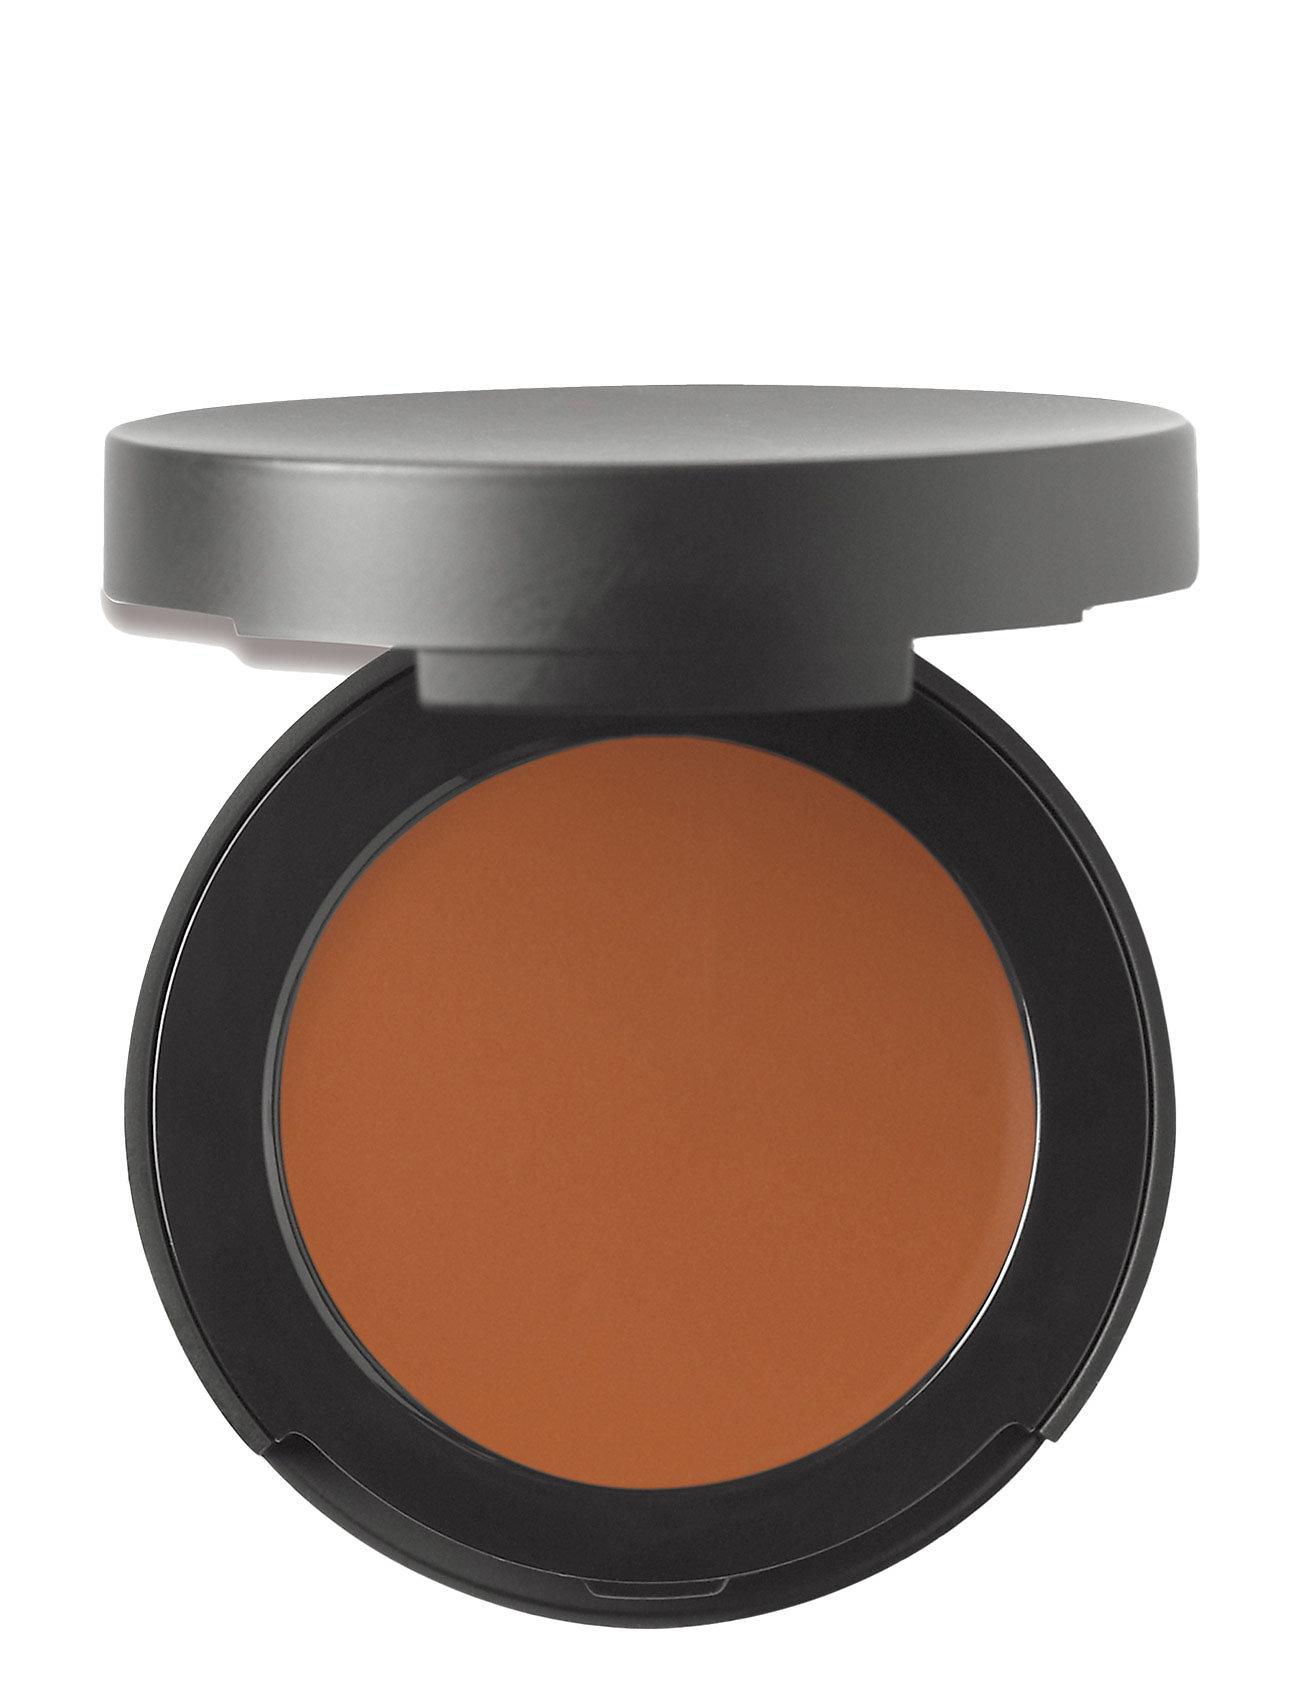 Image of Spf 20 Correcting Concealer Concealer Makeup BareMinerals (3074538853)